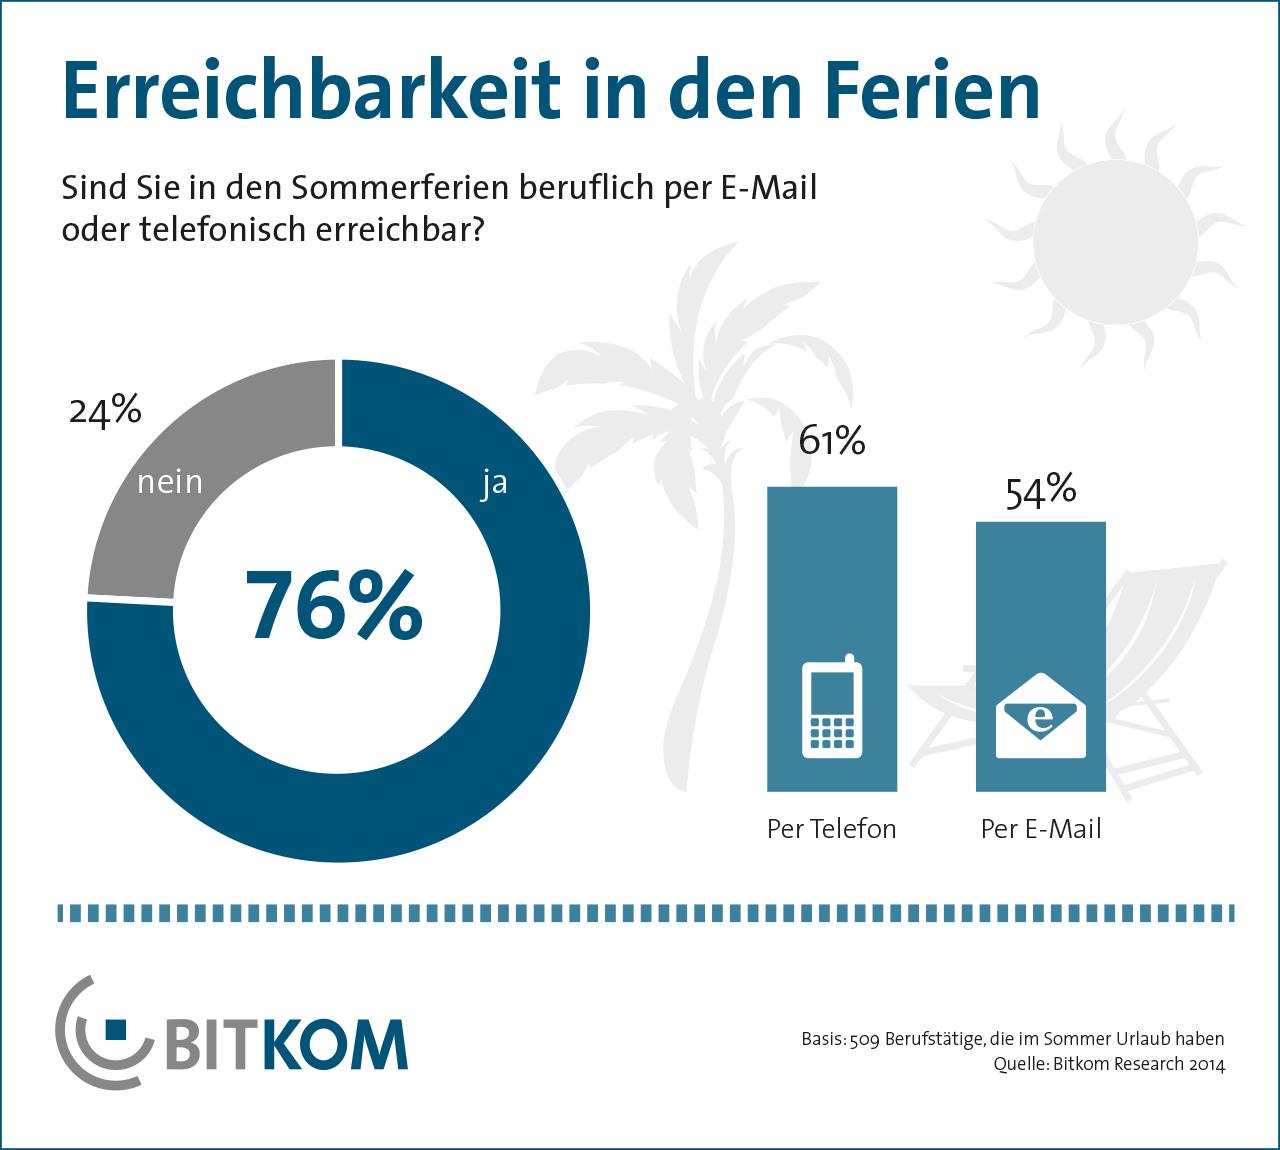 76 Prozent der Angestellten schalten im Urlaub nicht ab und reagieren auf berufliche E-Mails und Anrufe. (Grafik: Bitkom)